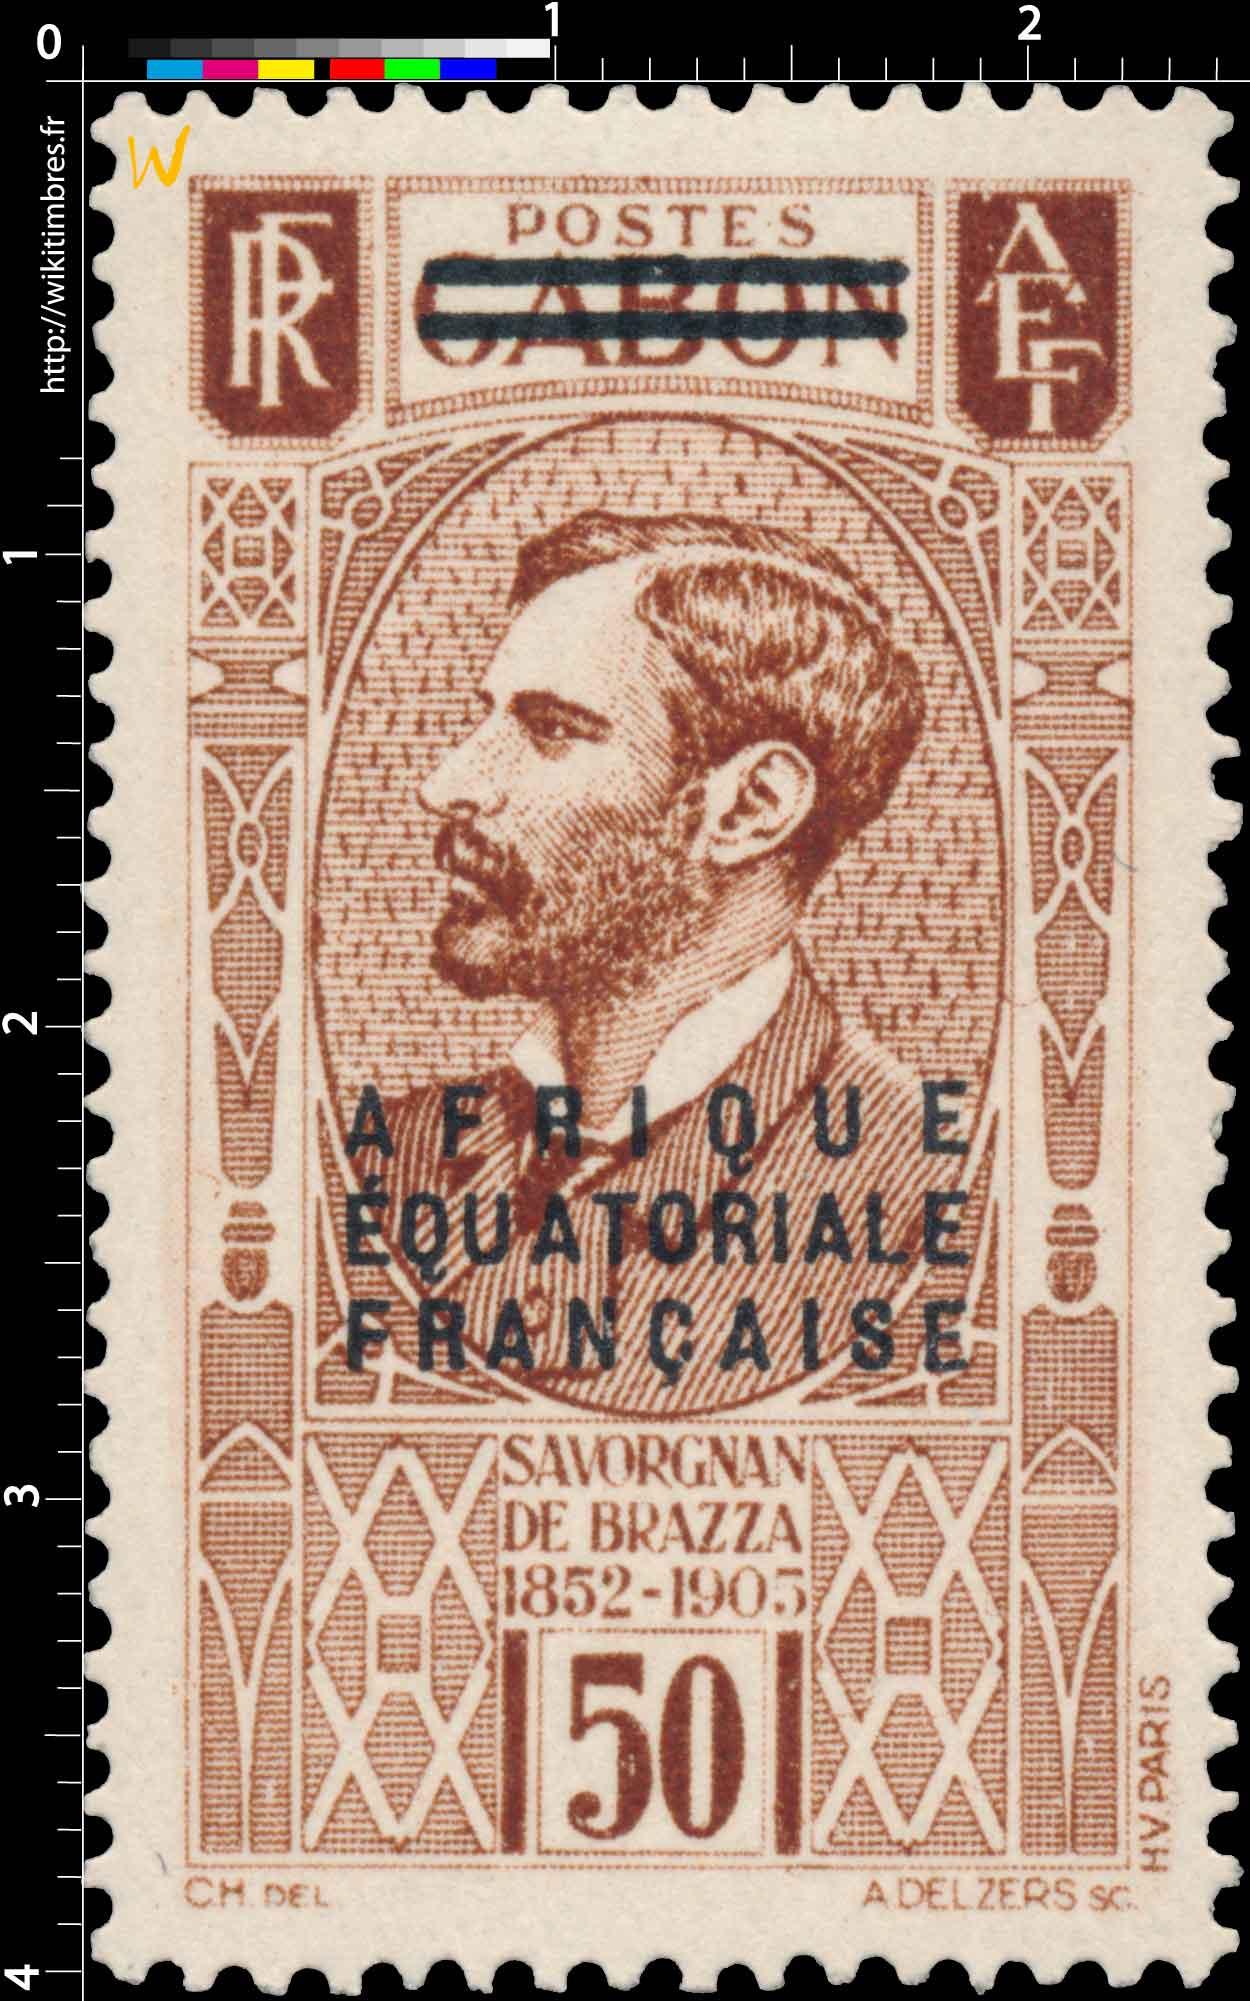 Gabon Savorgnan de Brazza 1852-1905 Afrique Équatoriale Française